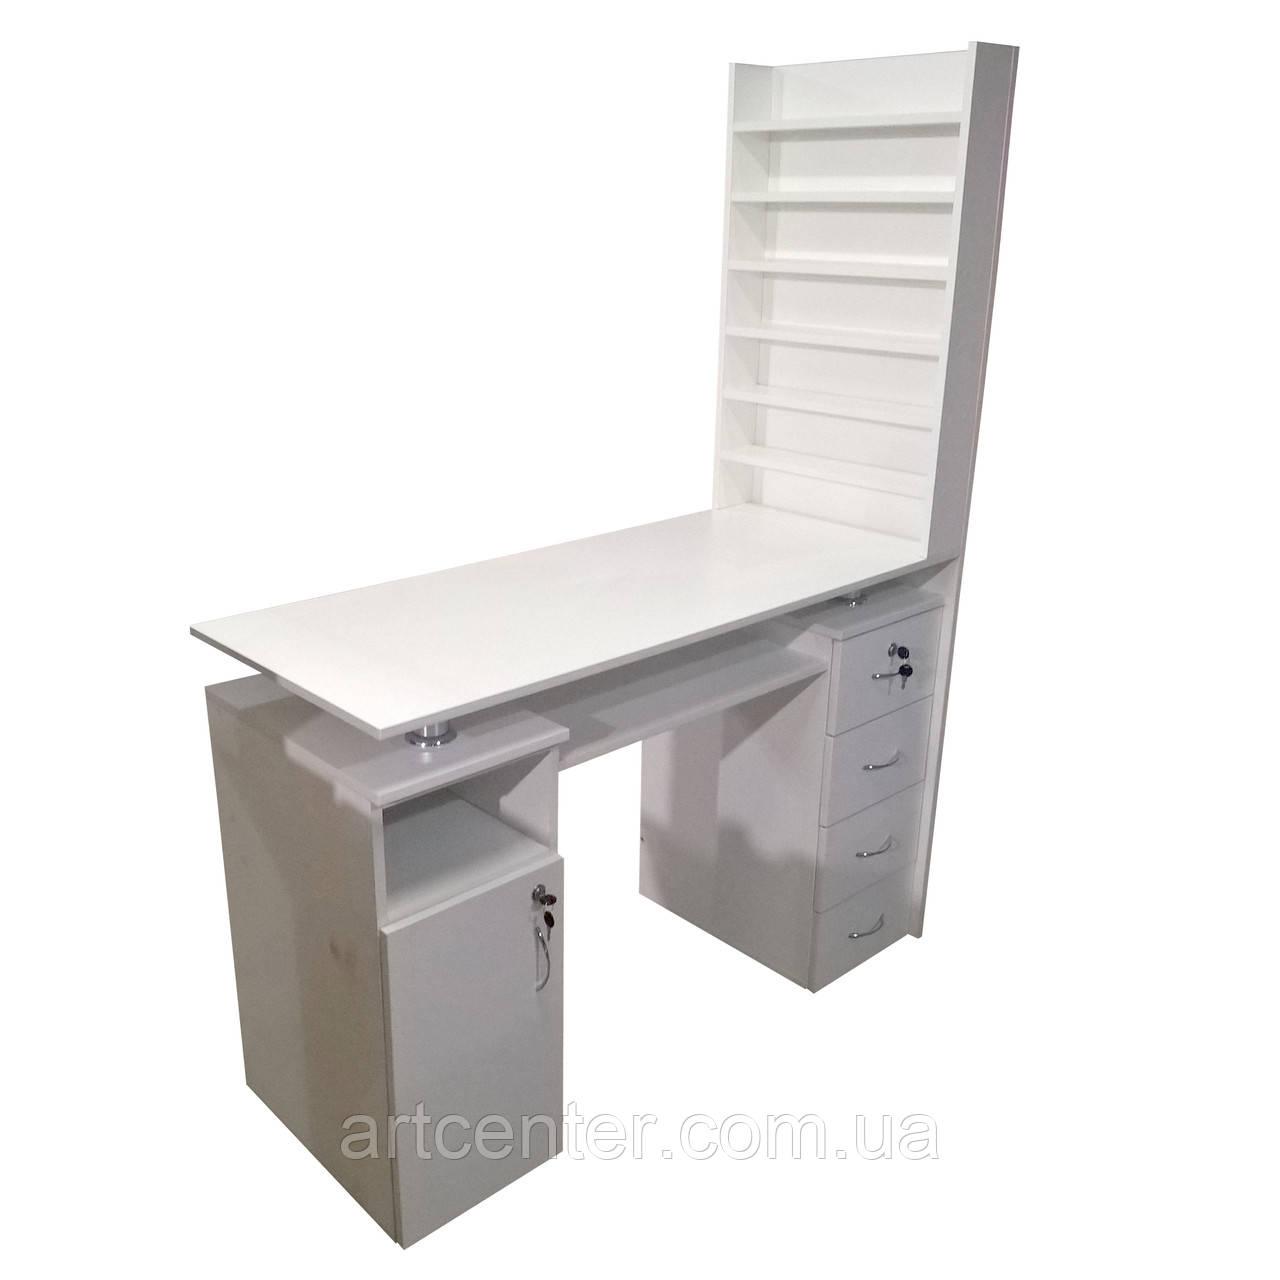 Маникюрный стол двухтумбовый с большой витриной для лаков в салон красоты